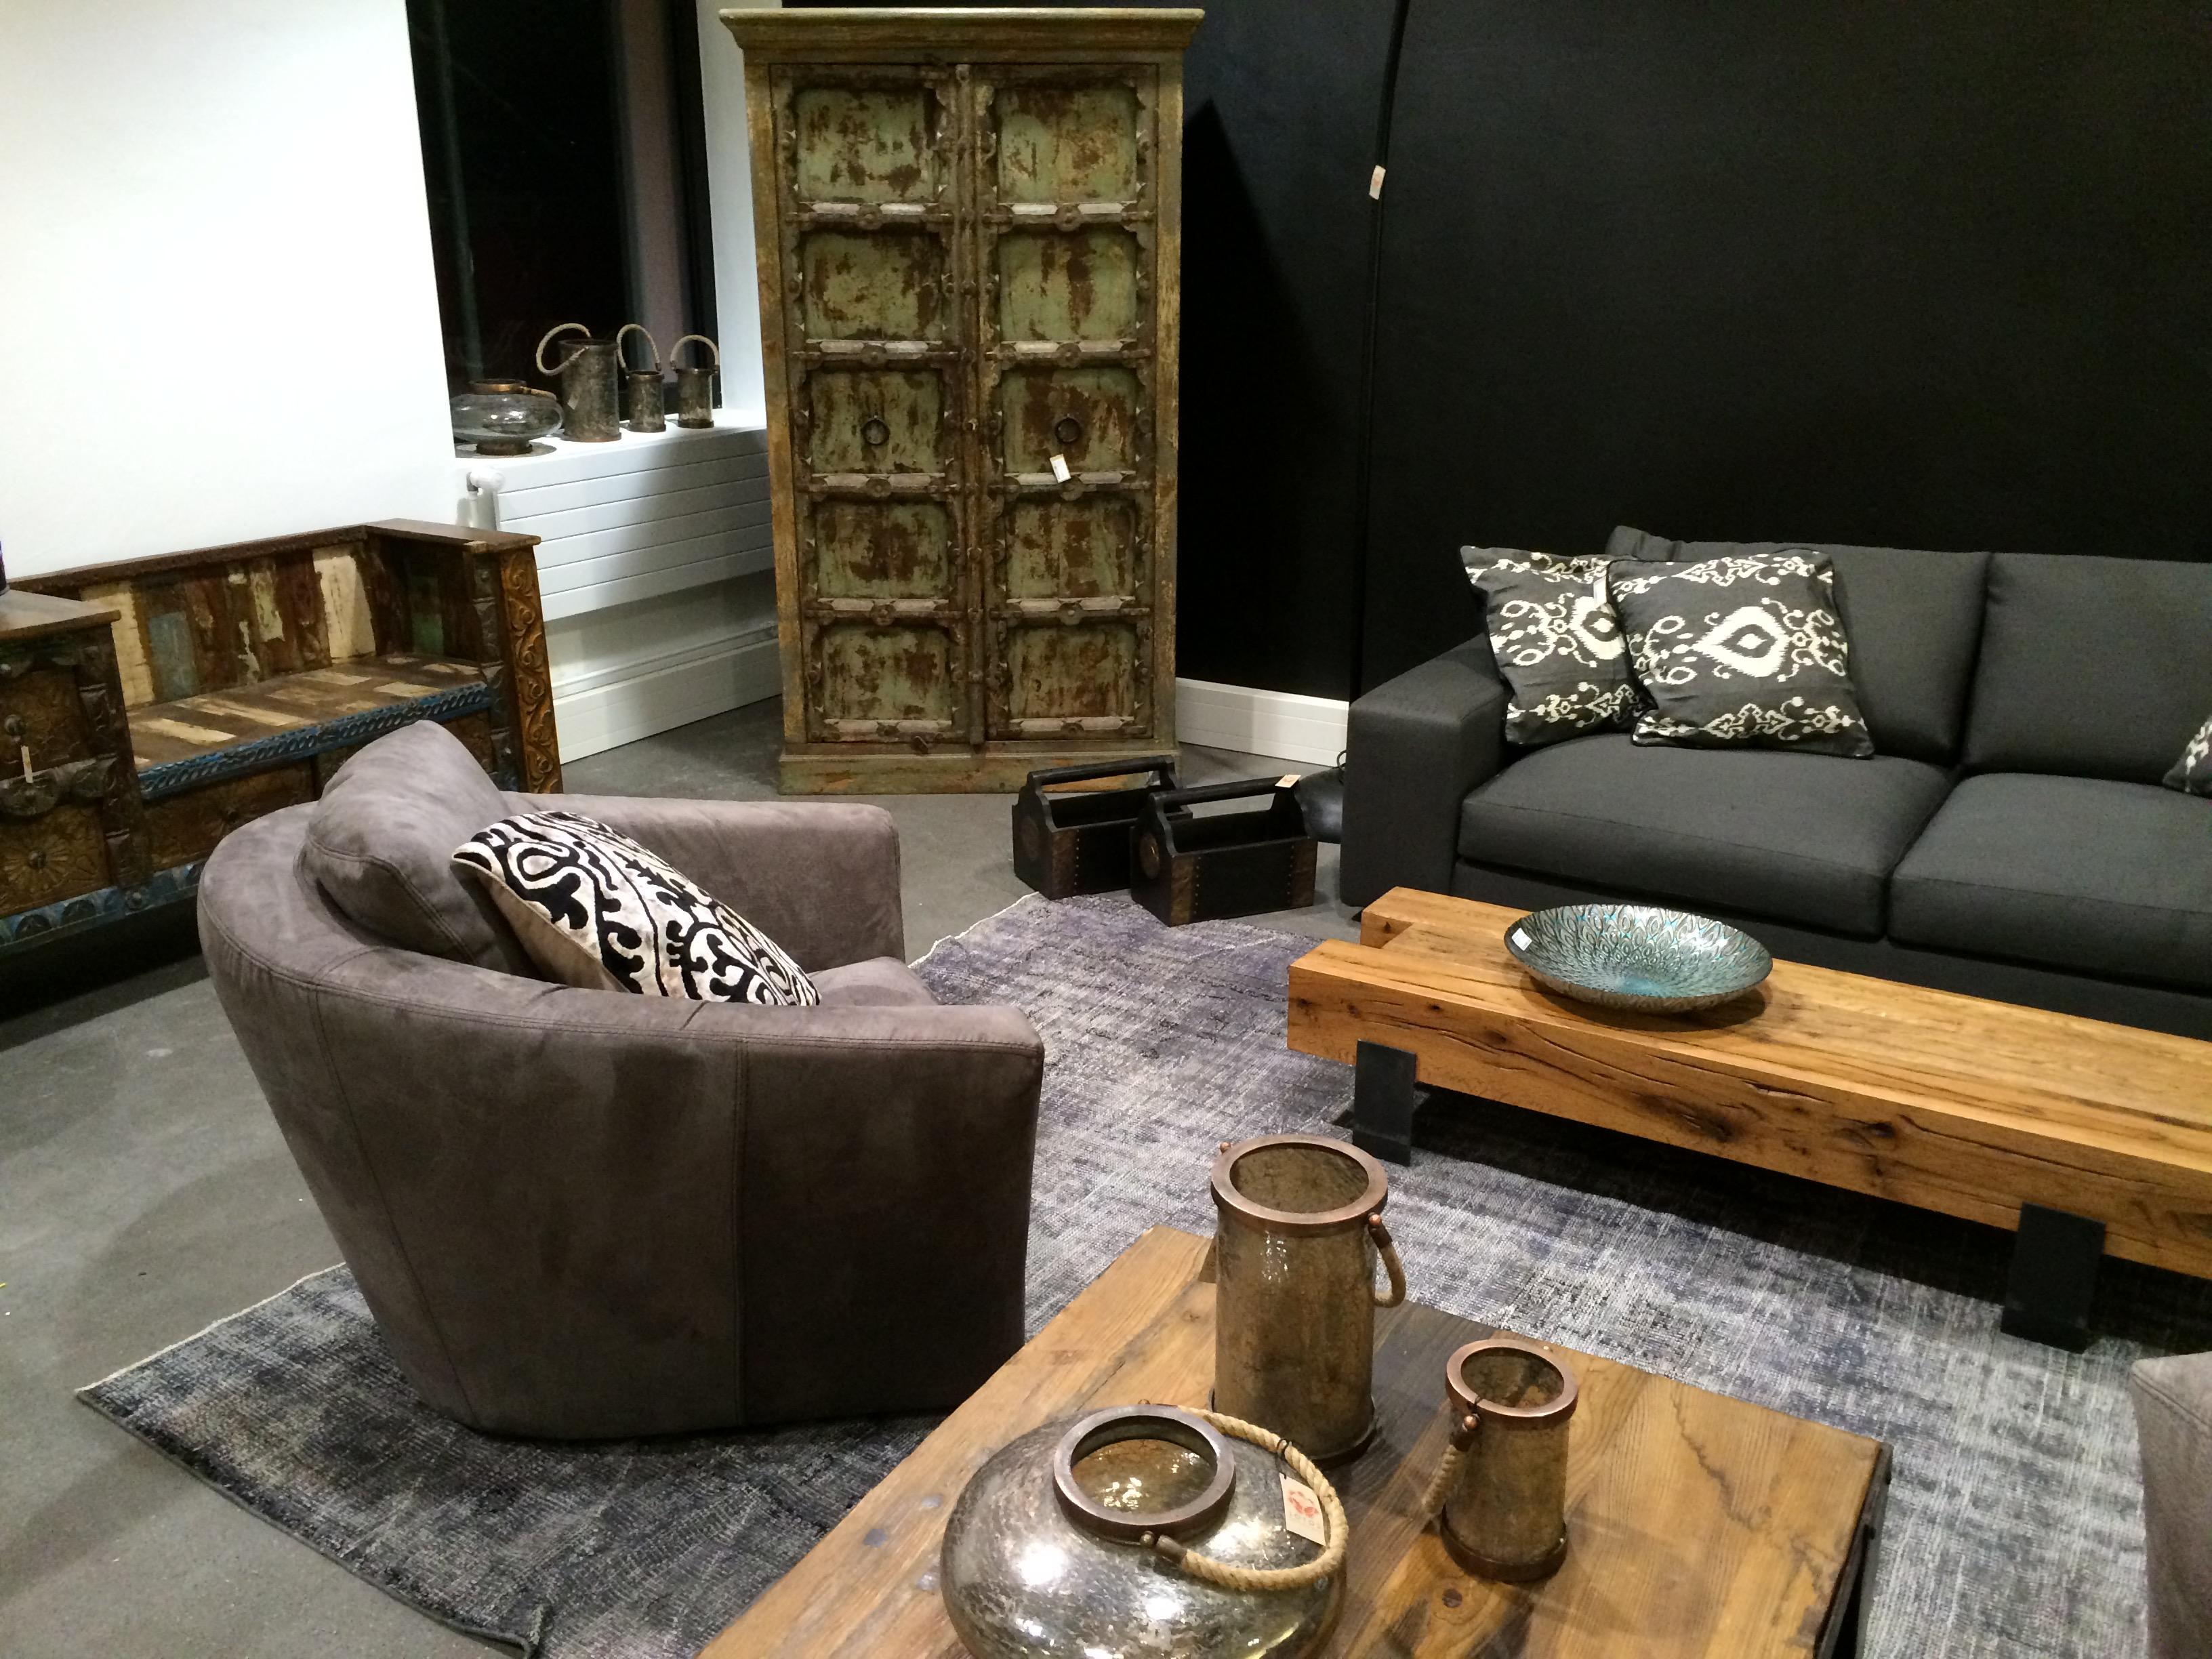 30 - showroom impressions